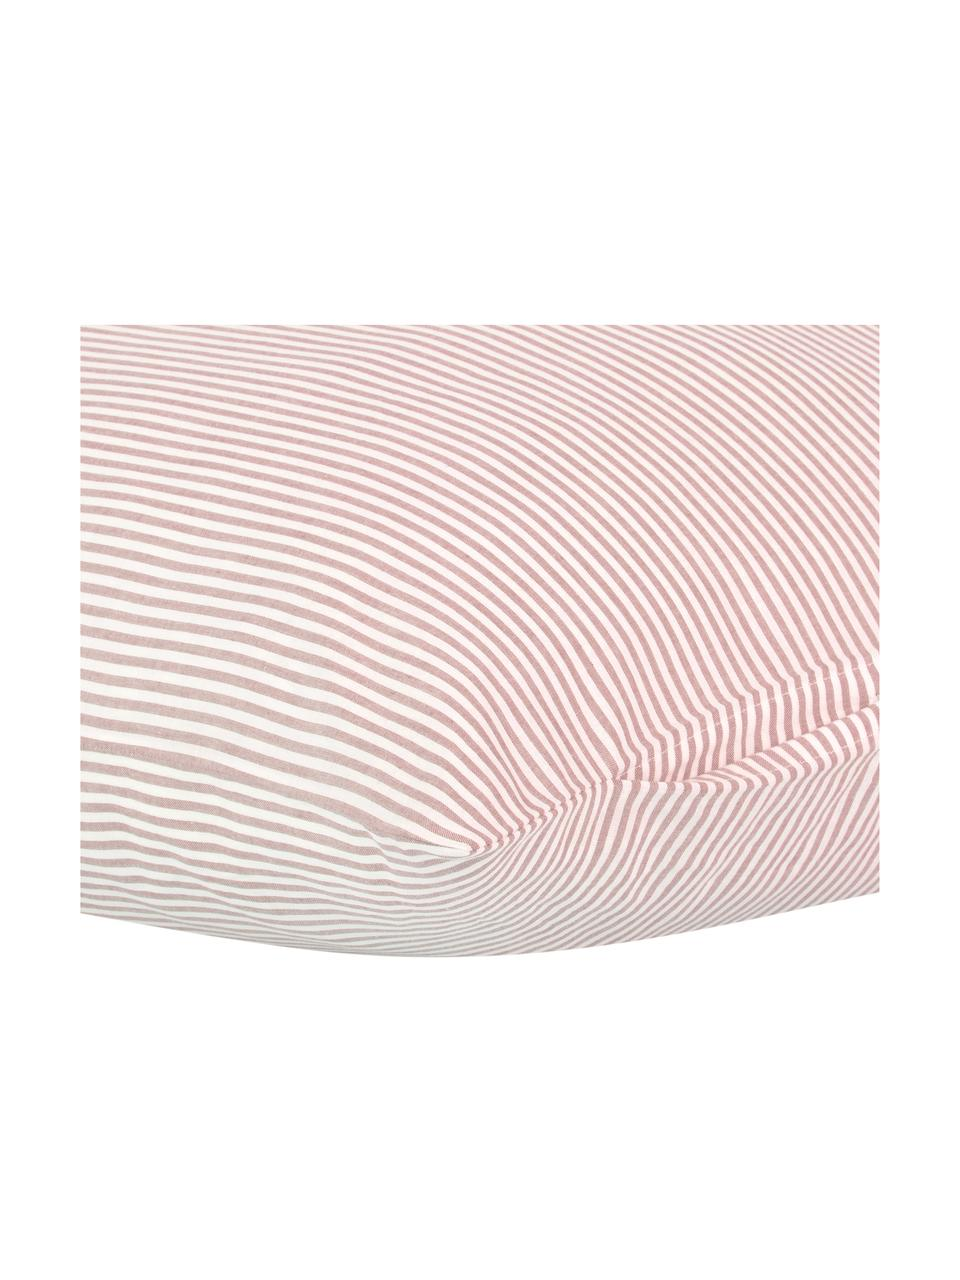 Poszewka na poduszkę z bawełny Ellie, 2szt., Biały, czerwony, S 40 x D 80 cm